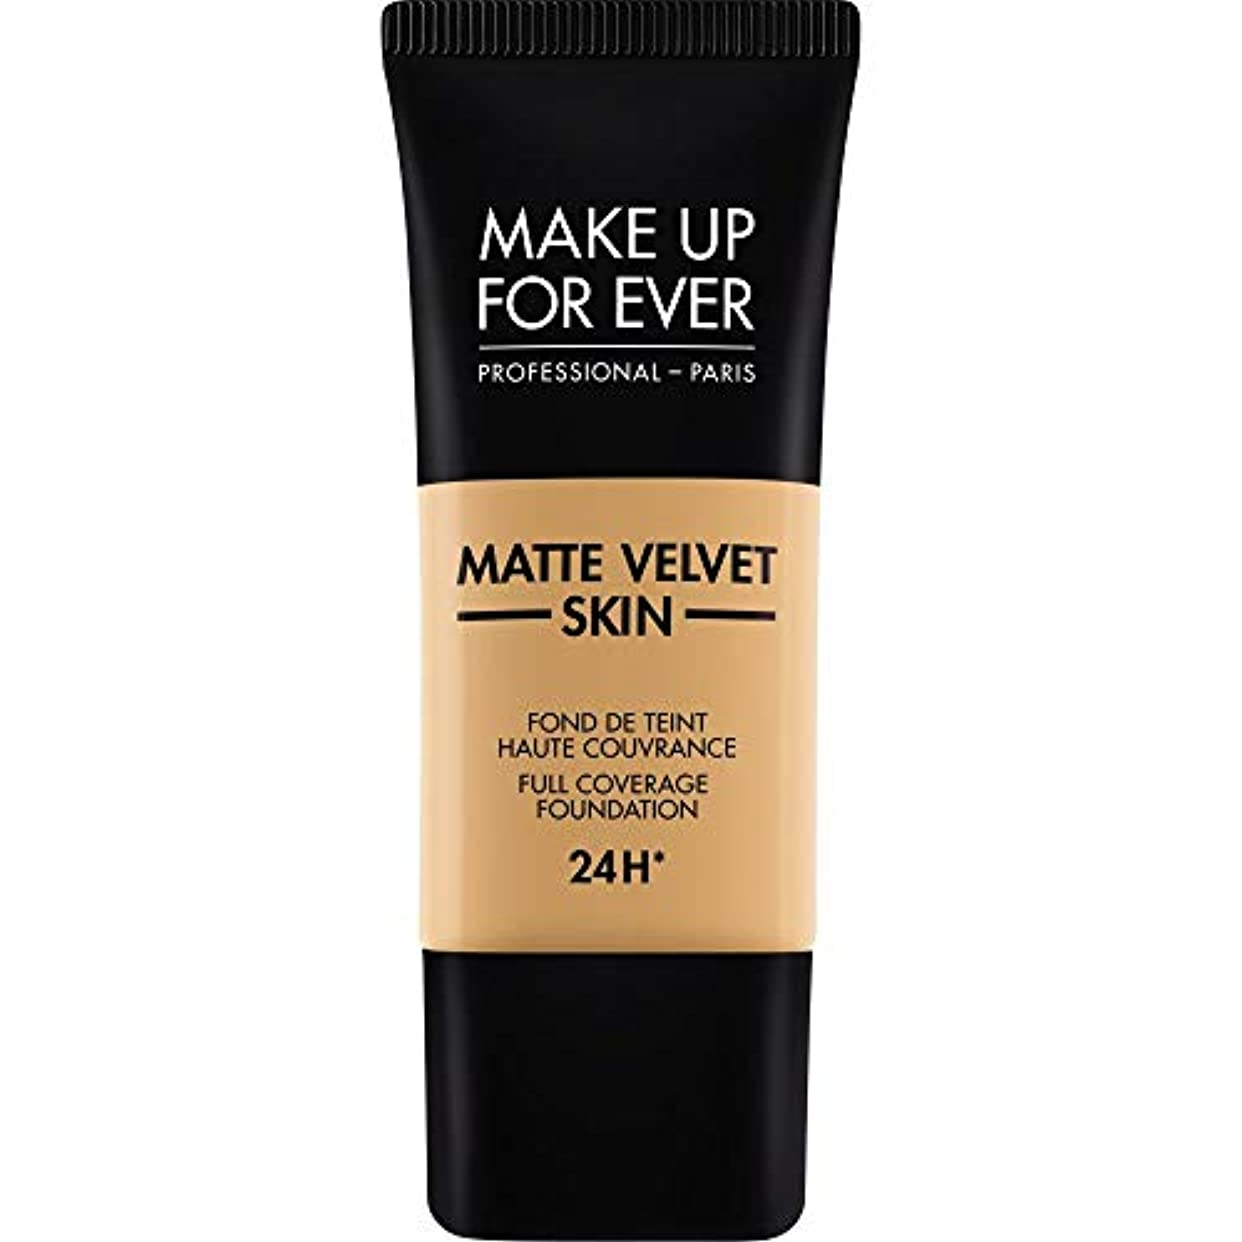 だます拒否撃退する[MAKE UP FOR EVER] 黄金の蜂蜜 - これまでマットベルベットの皮膚のフルカバレッジ基礎30ミリリットルのY405を補います - MAKE UP FOR EVER Matte Velvet Skin Full...